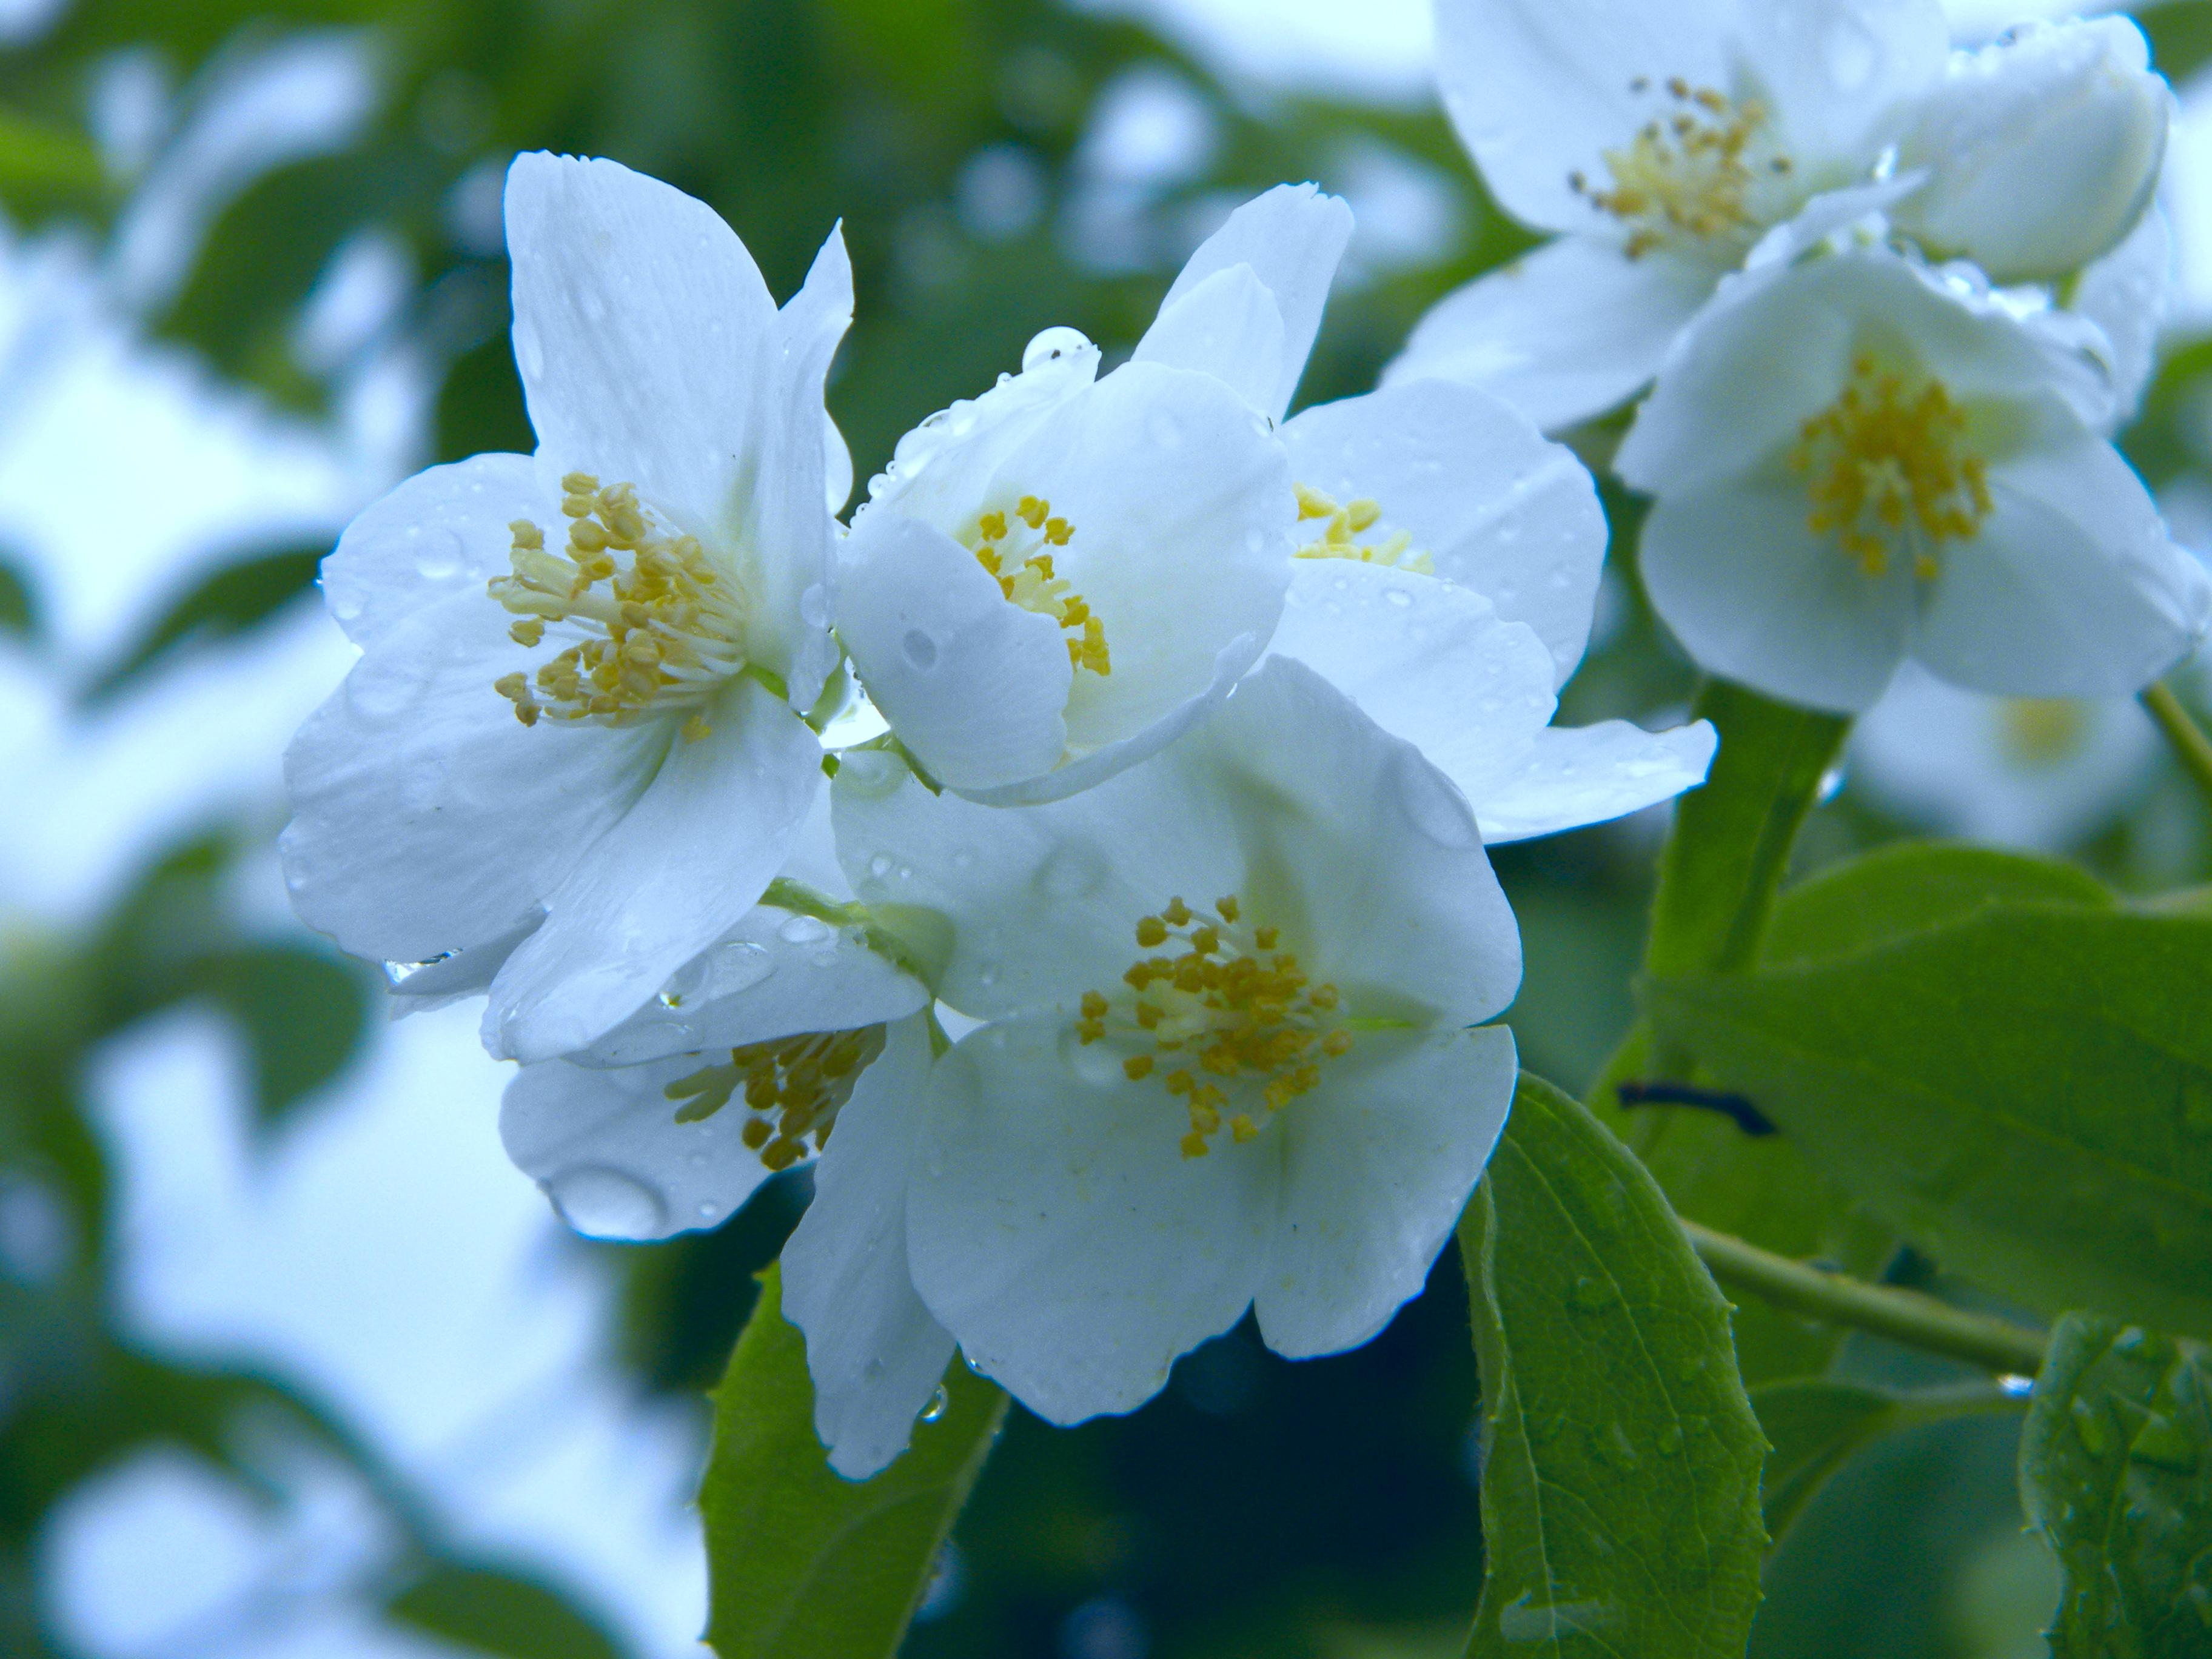 Gambar Mekar Menanam Putih Daun Bunga Musim Semi Flora